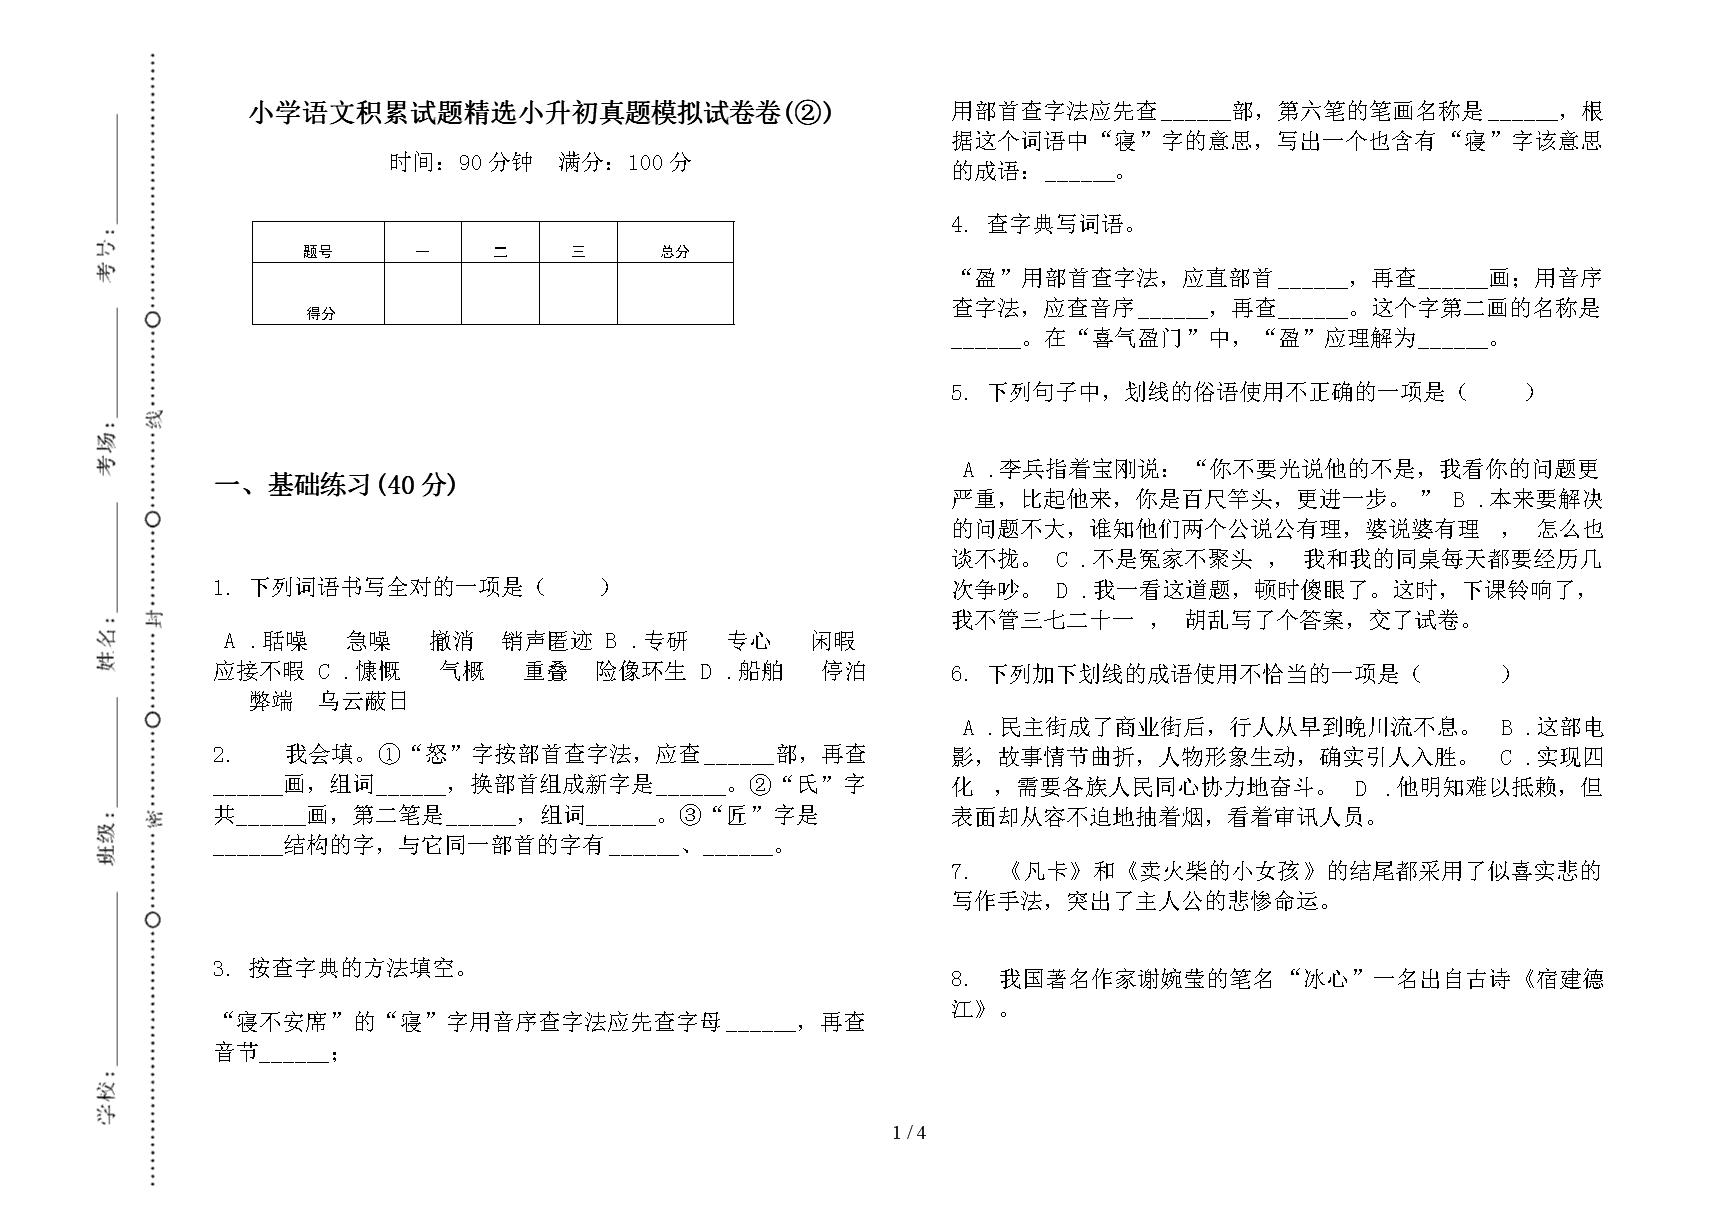 小学语文积累试题精选小升初真题模拟试卷卷(②).docx